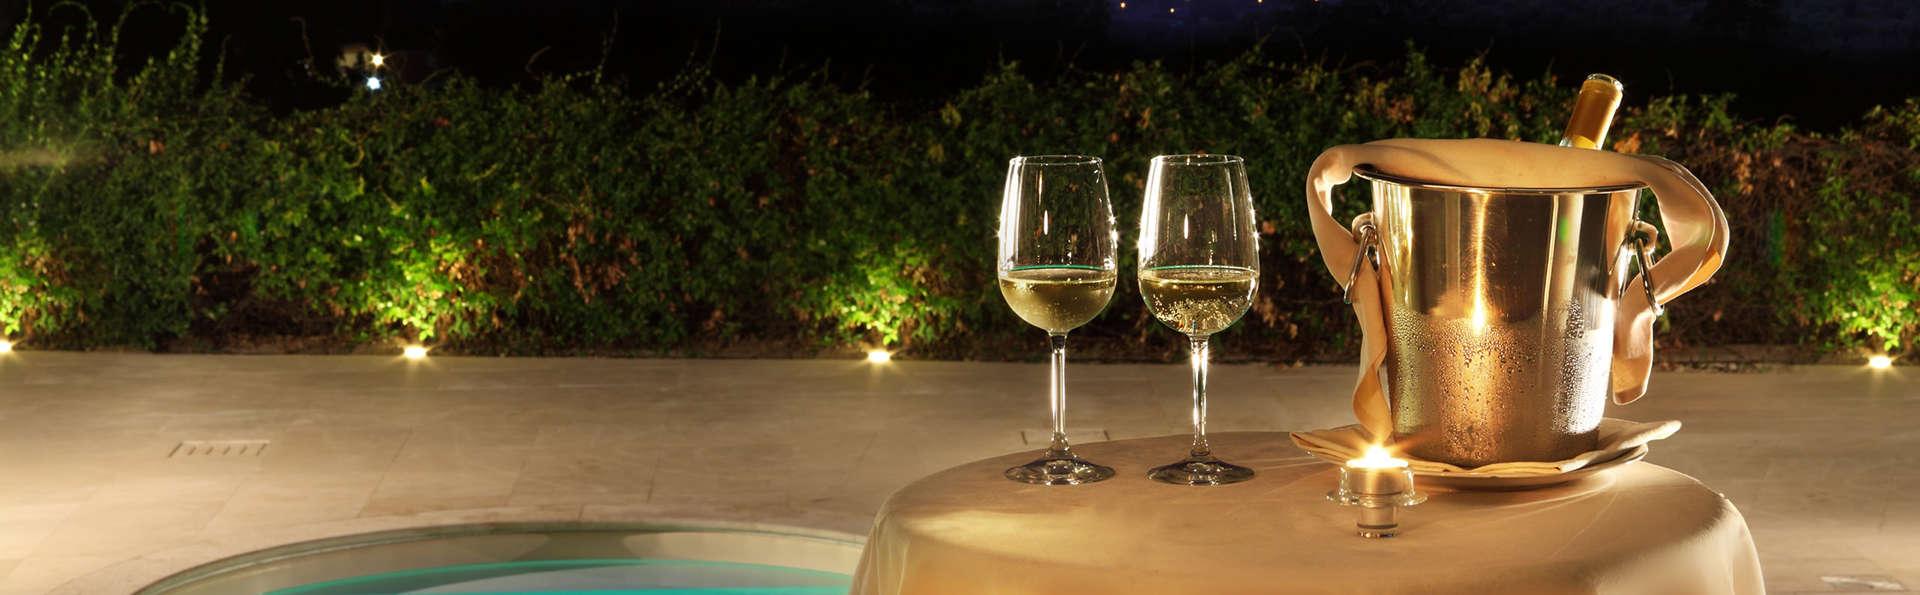 Weekend romantico a Frascati: 2 notti in superior con cena tradizionale in hotel 4*